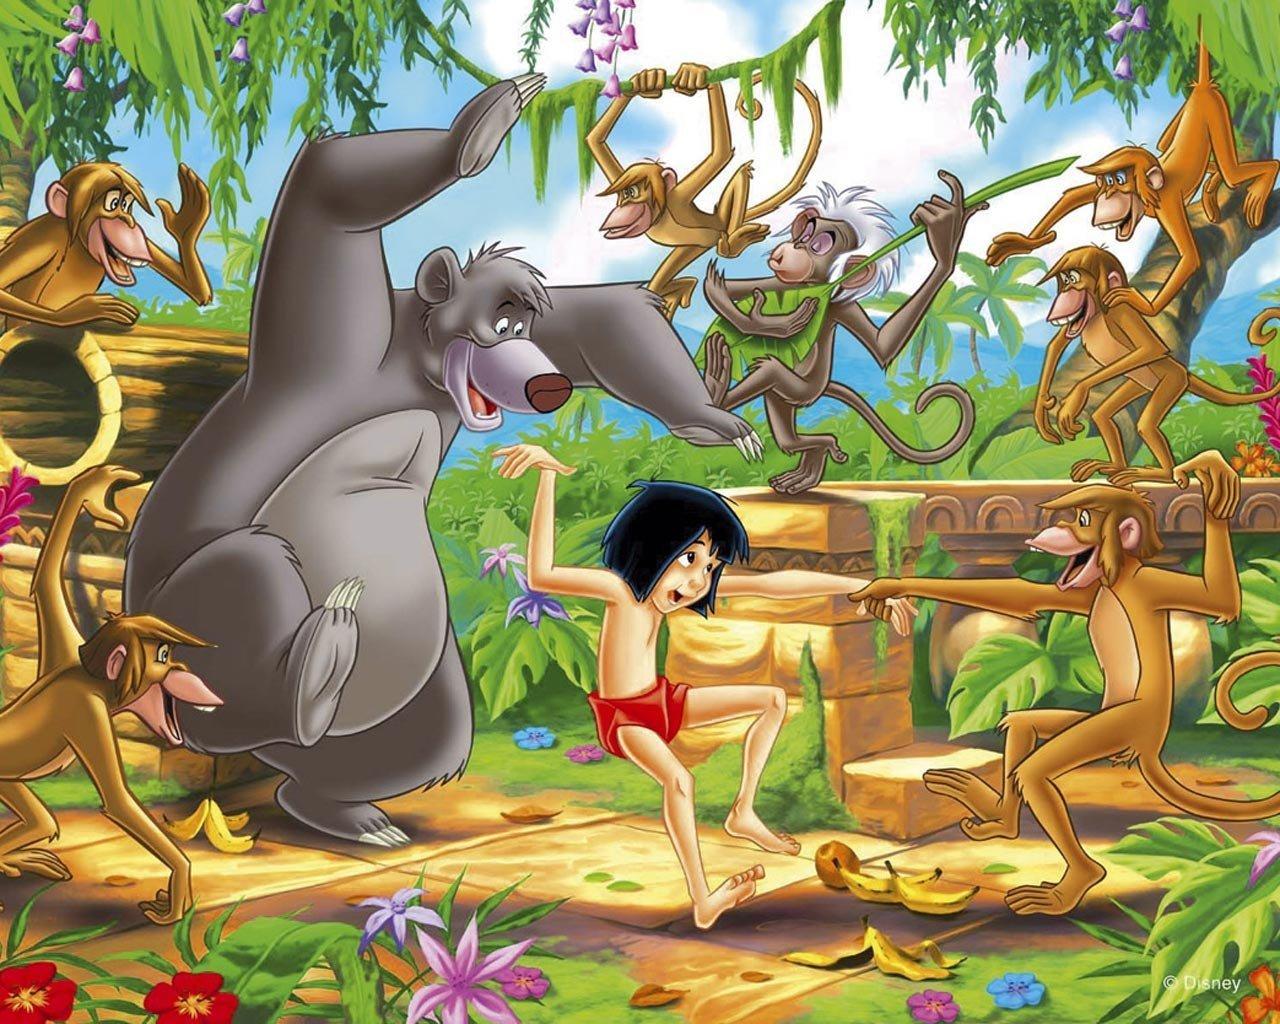 The Jungle Book Cartoons Disney